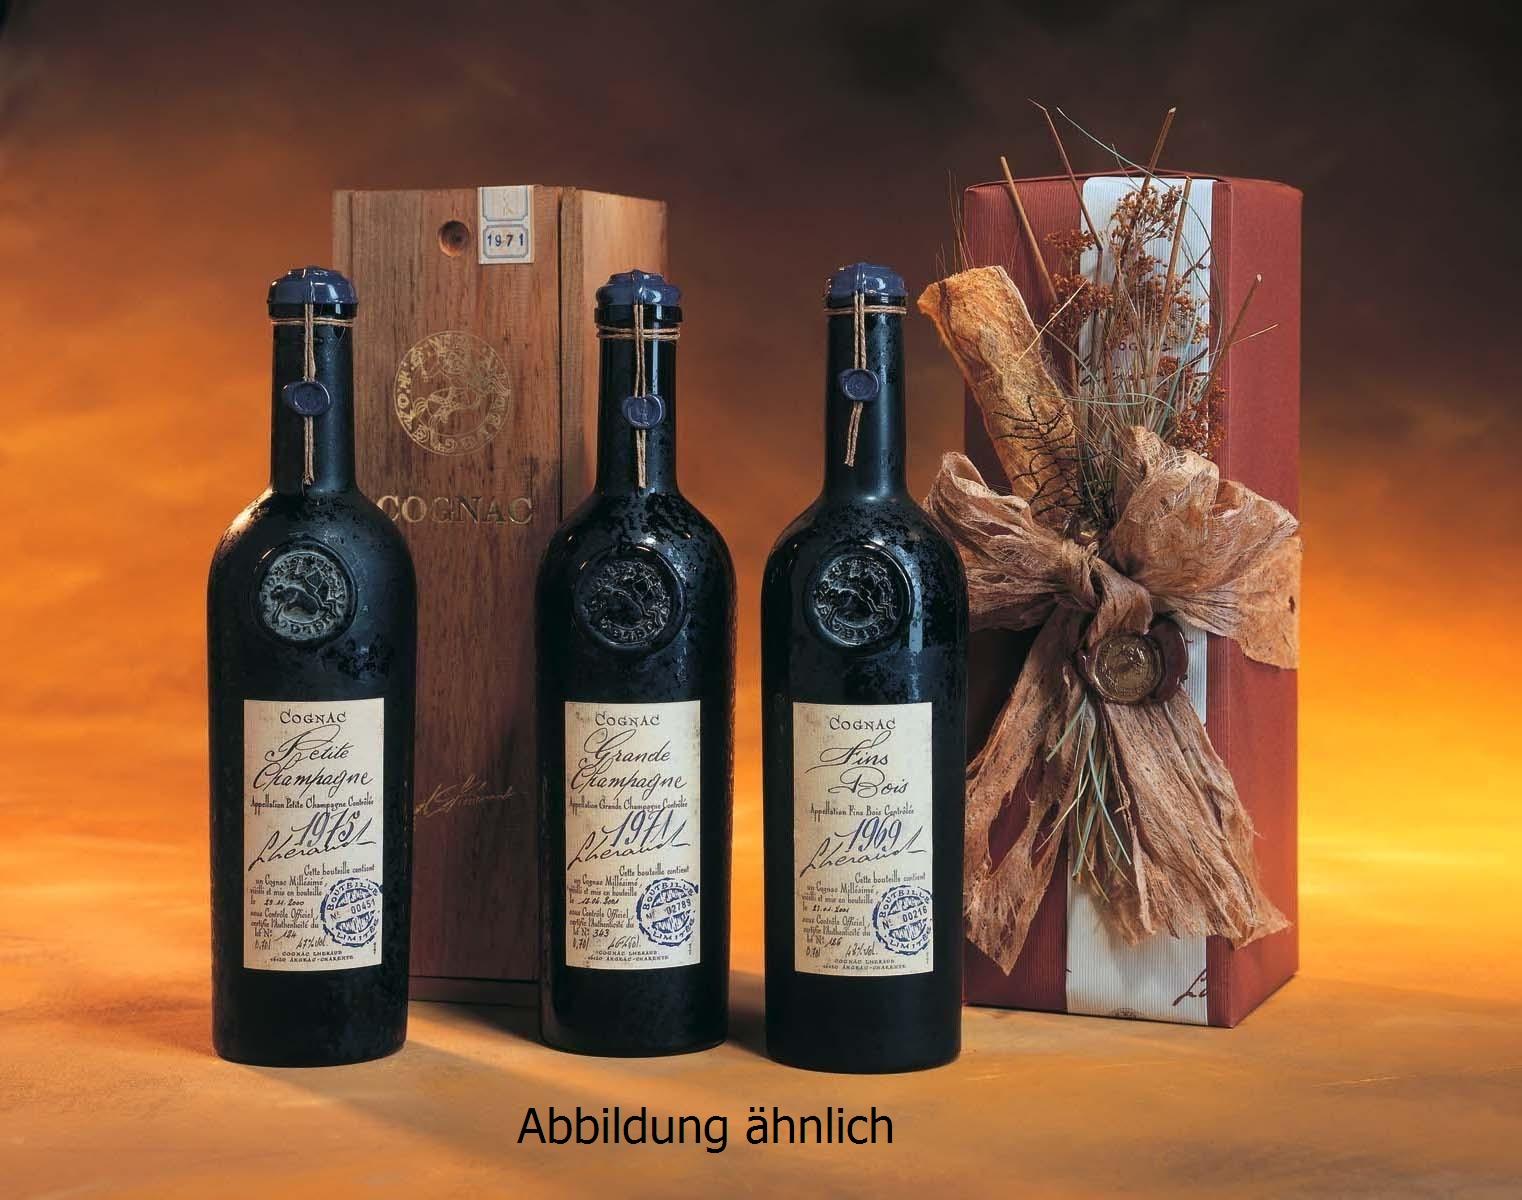 Cognac 1964 Lheraud